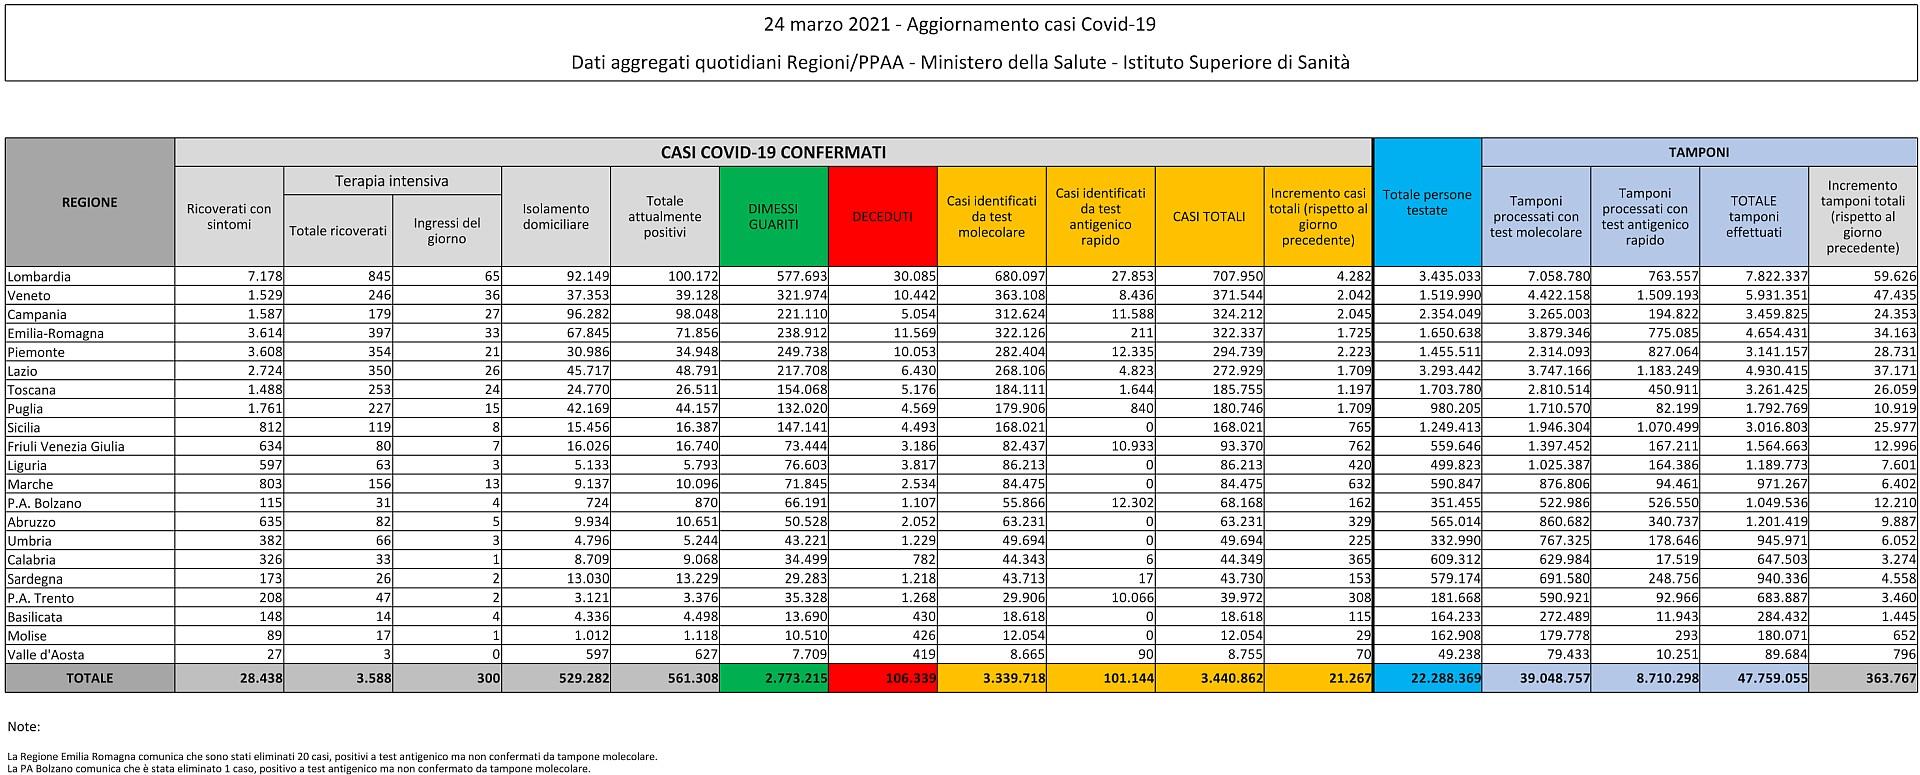 24 marzo 2021 - Aggiornamento casi Covid-19 Dati aggregati quotidiani Regioni/PPAA - Ministero della Salute - Istituto Superiore di Sanità